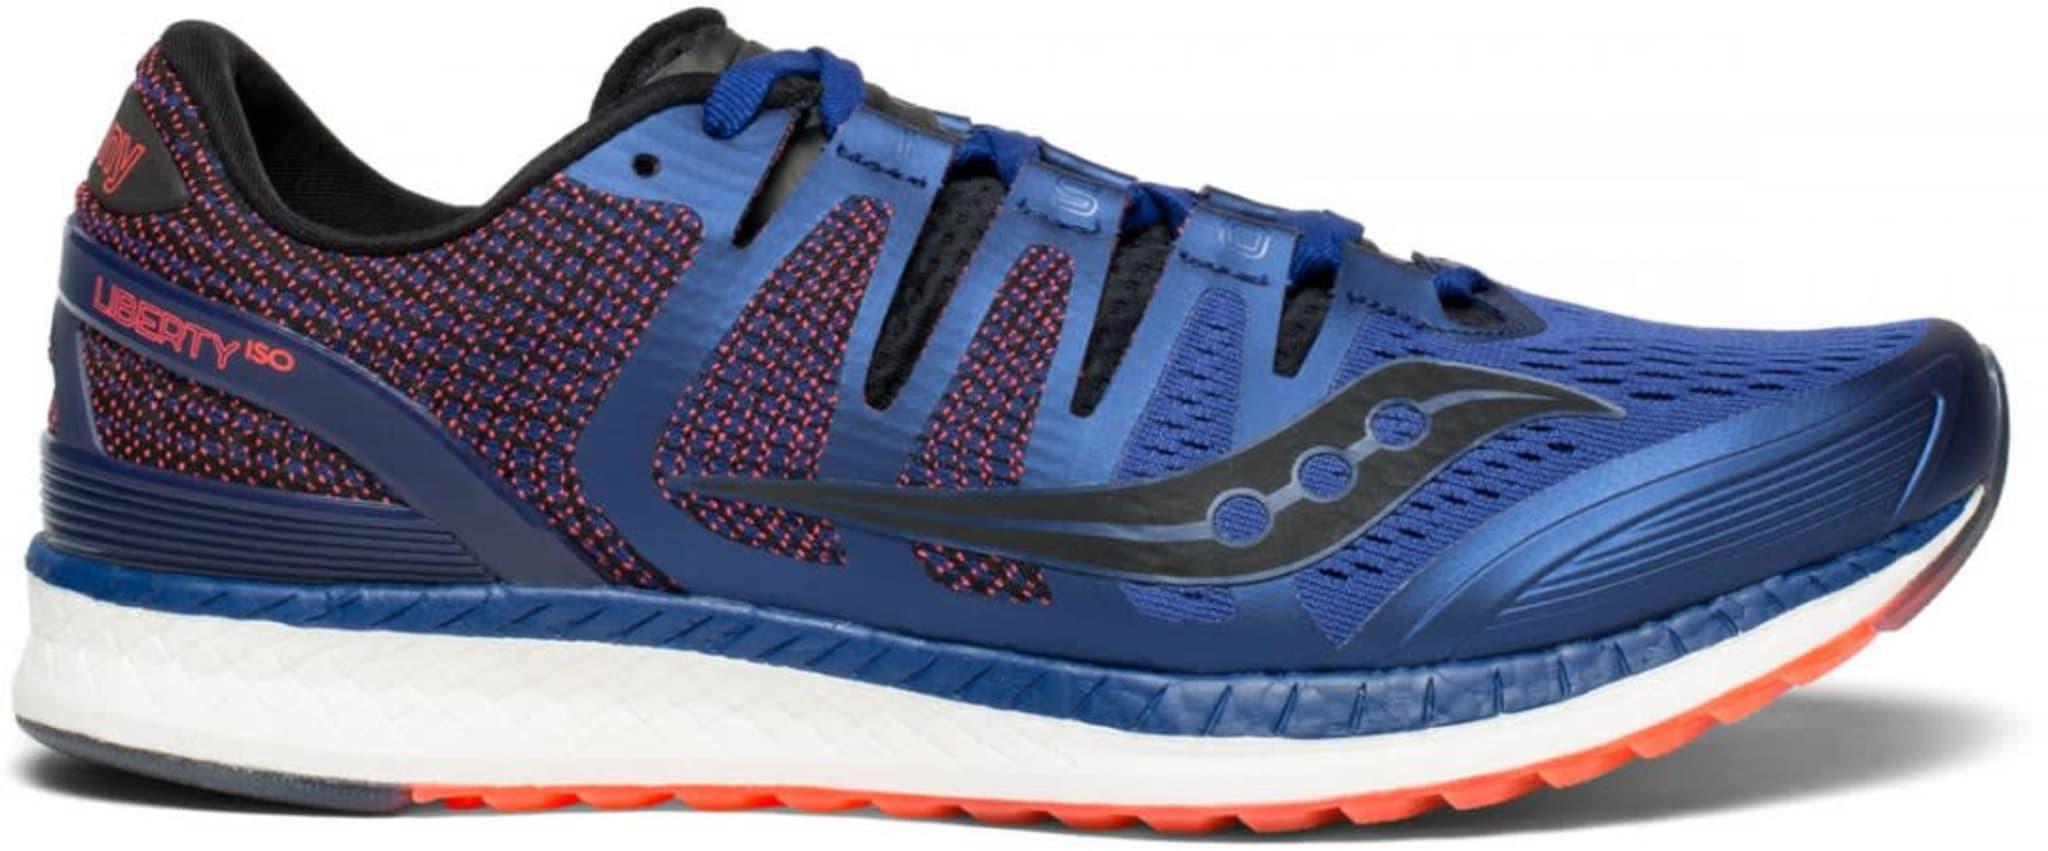 Liberty ISO er en løpesko med myk demping og høy stabilitet.